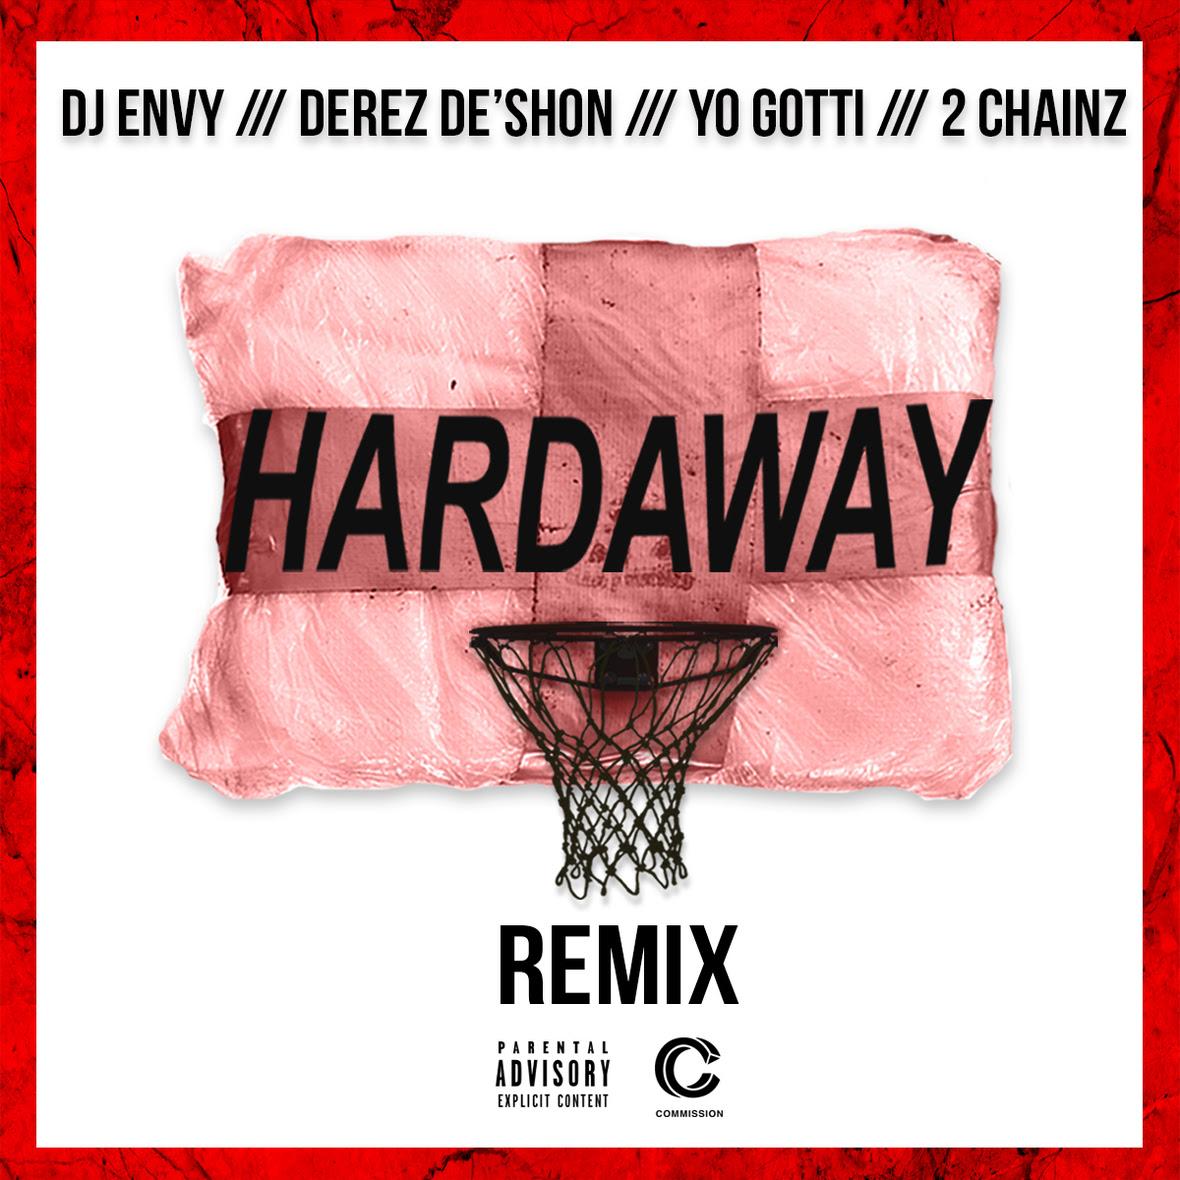 Hardaway by Derez De Shon REMIX